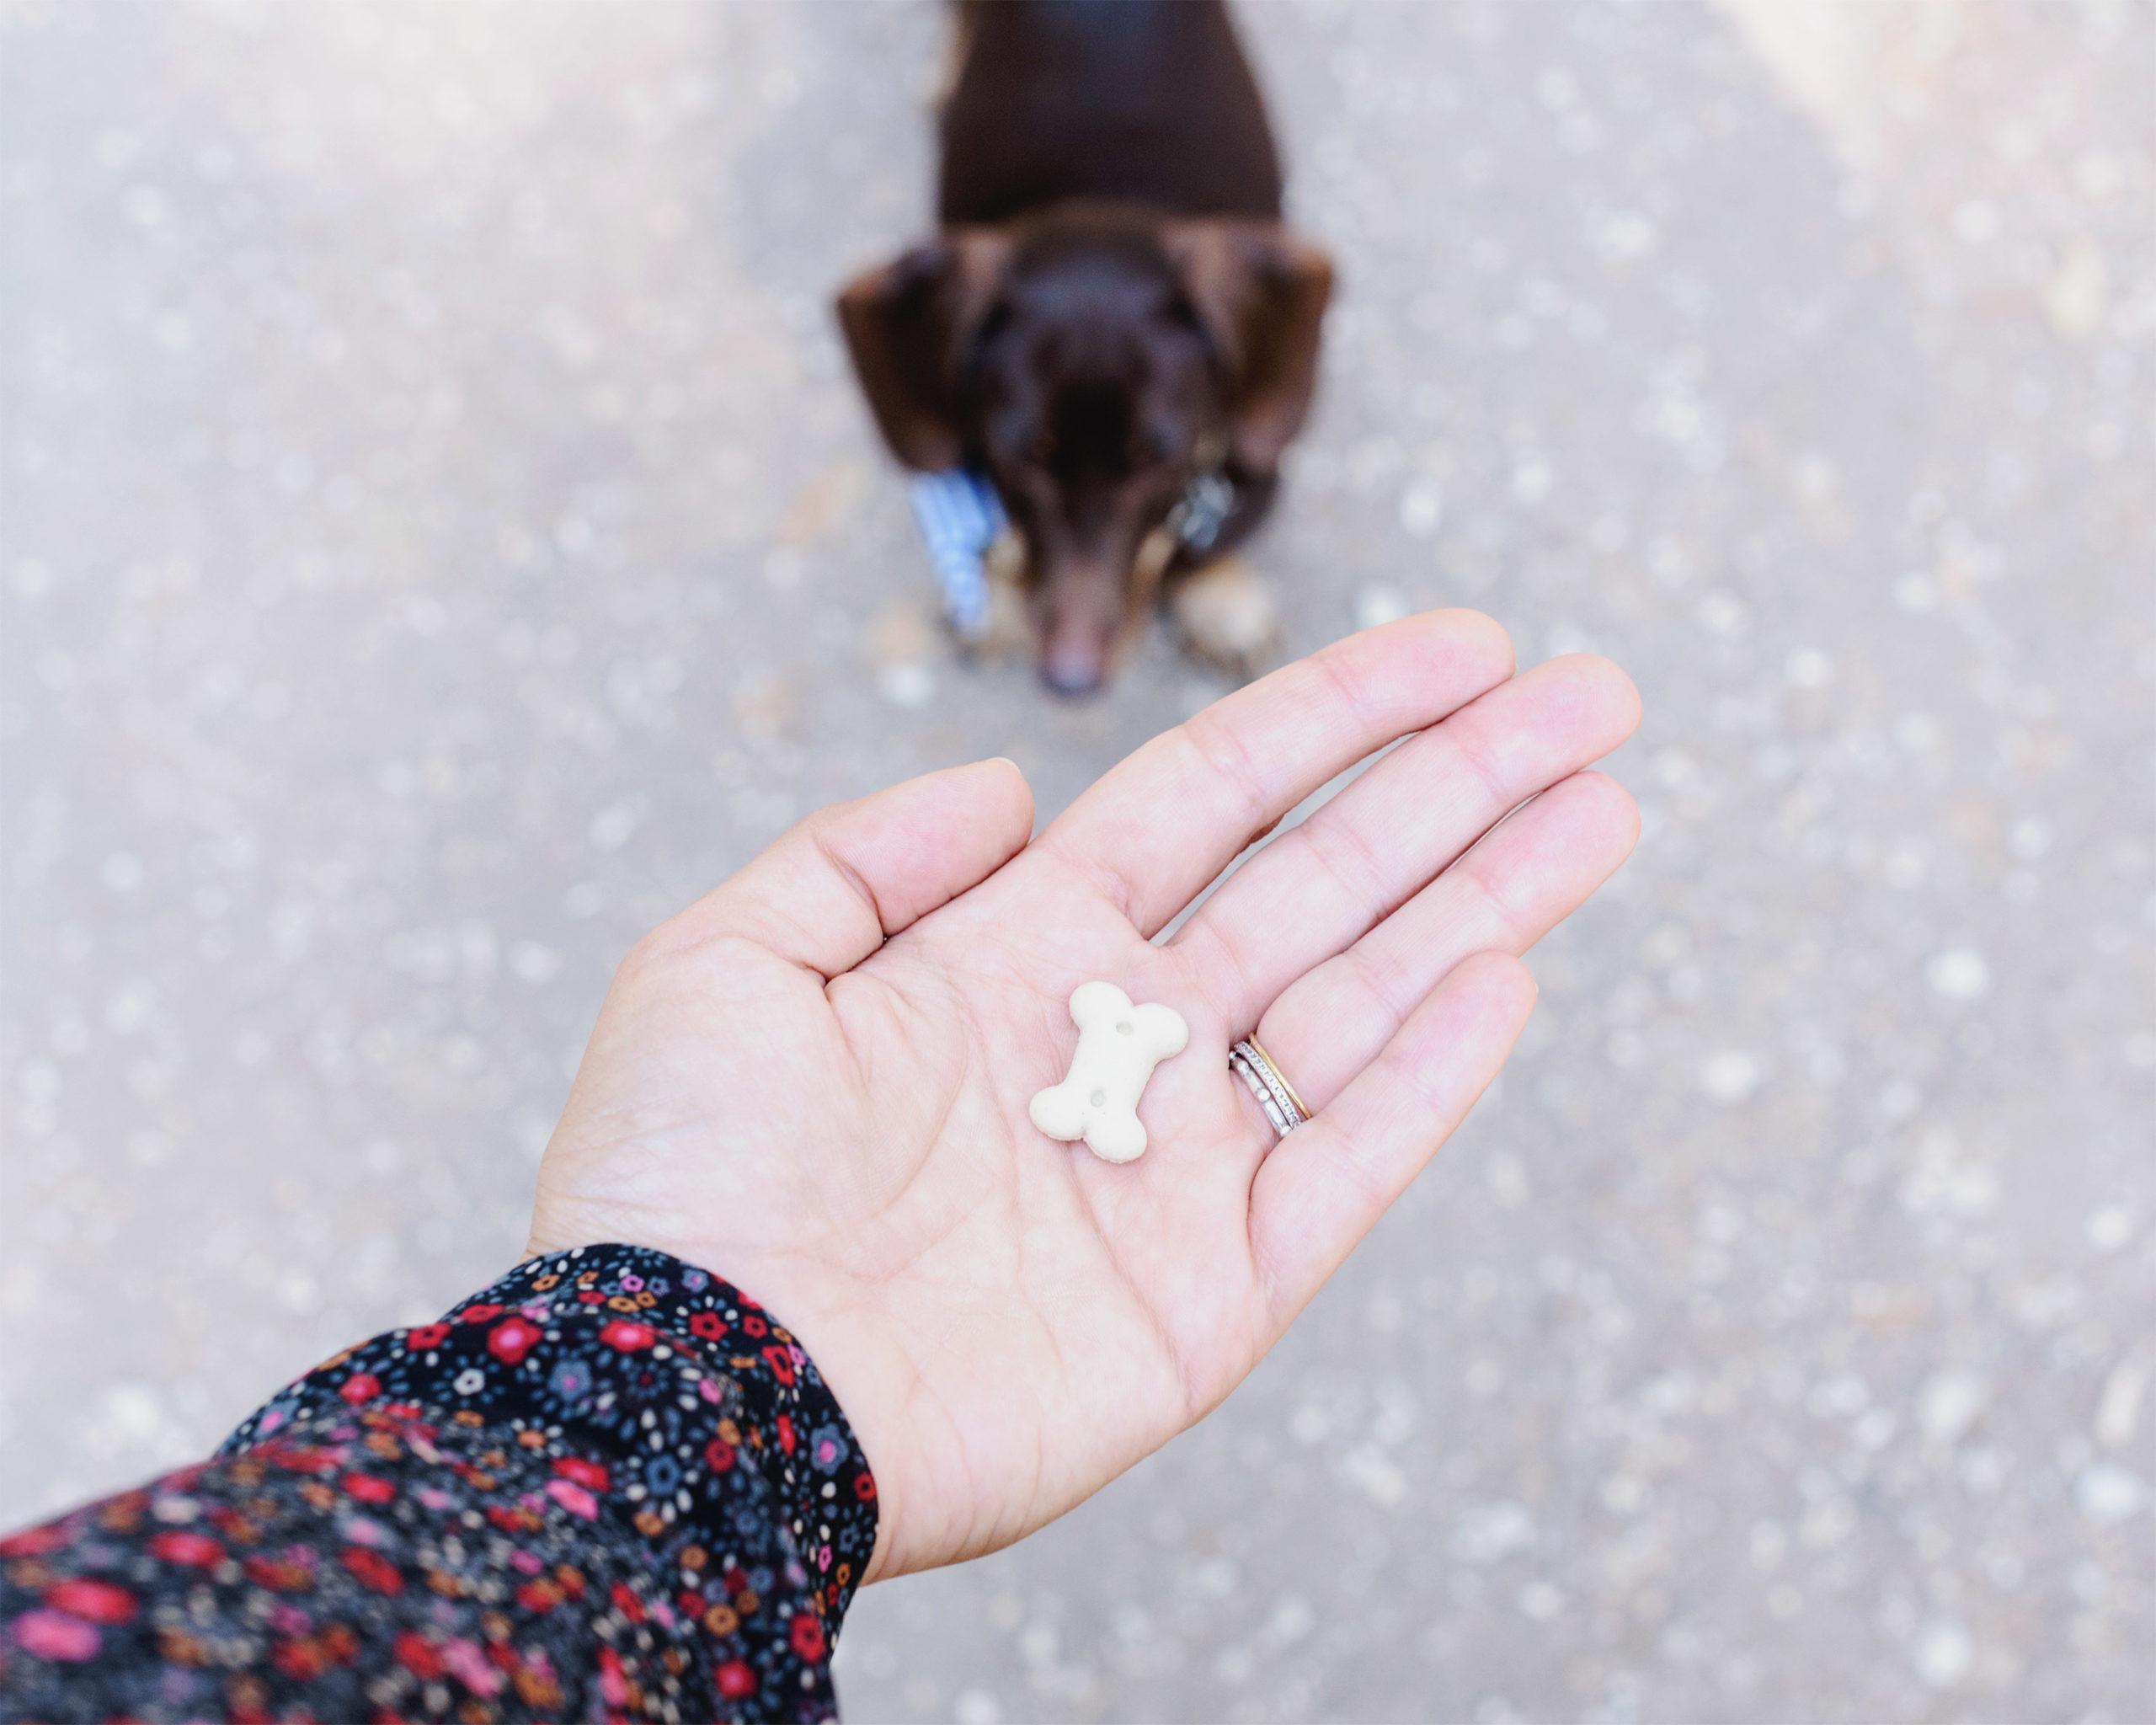 Fotografia: il segreto del rinforzo positivo nell'educazione del cane